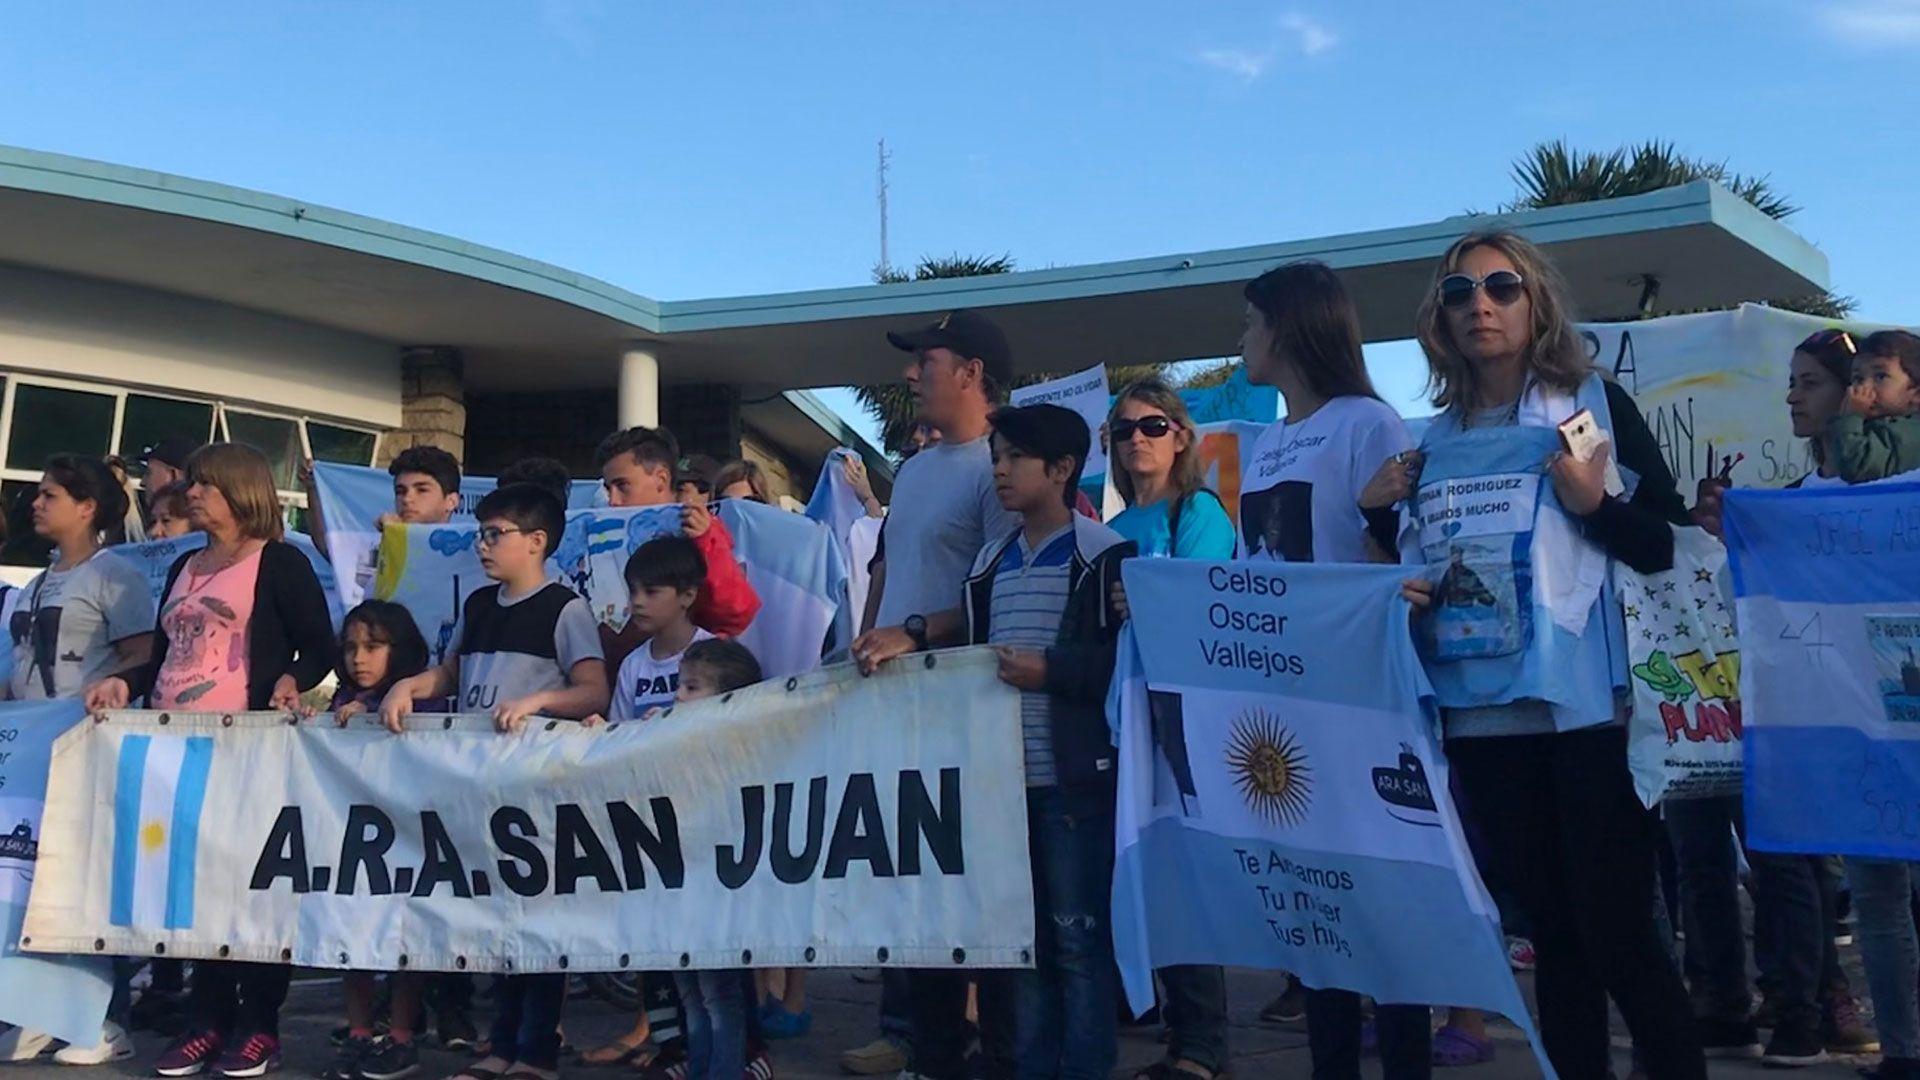 Familiares de los tripulantes del ARA San Juan hicieron la denuncia sobre escuchas ilegales